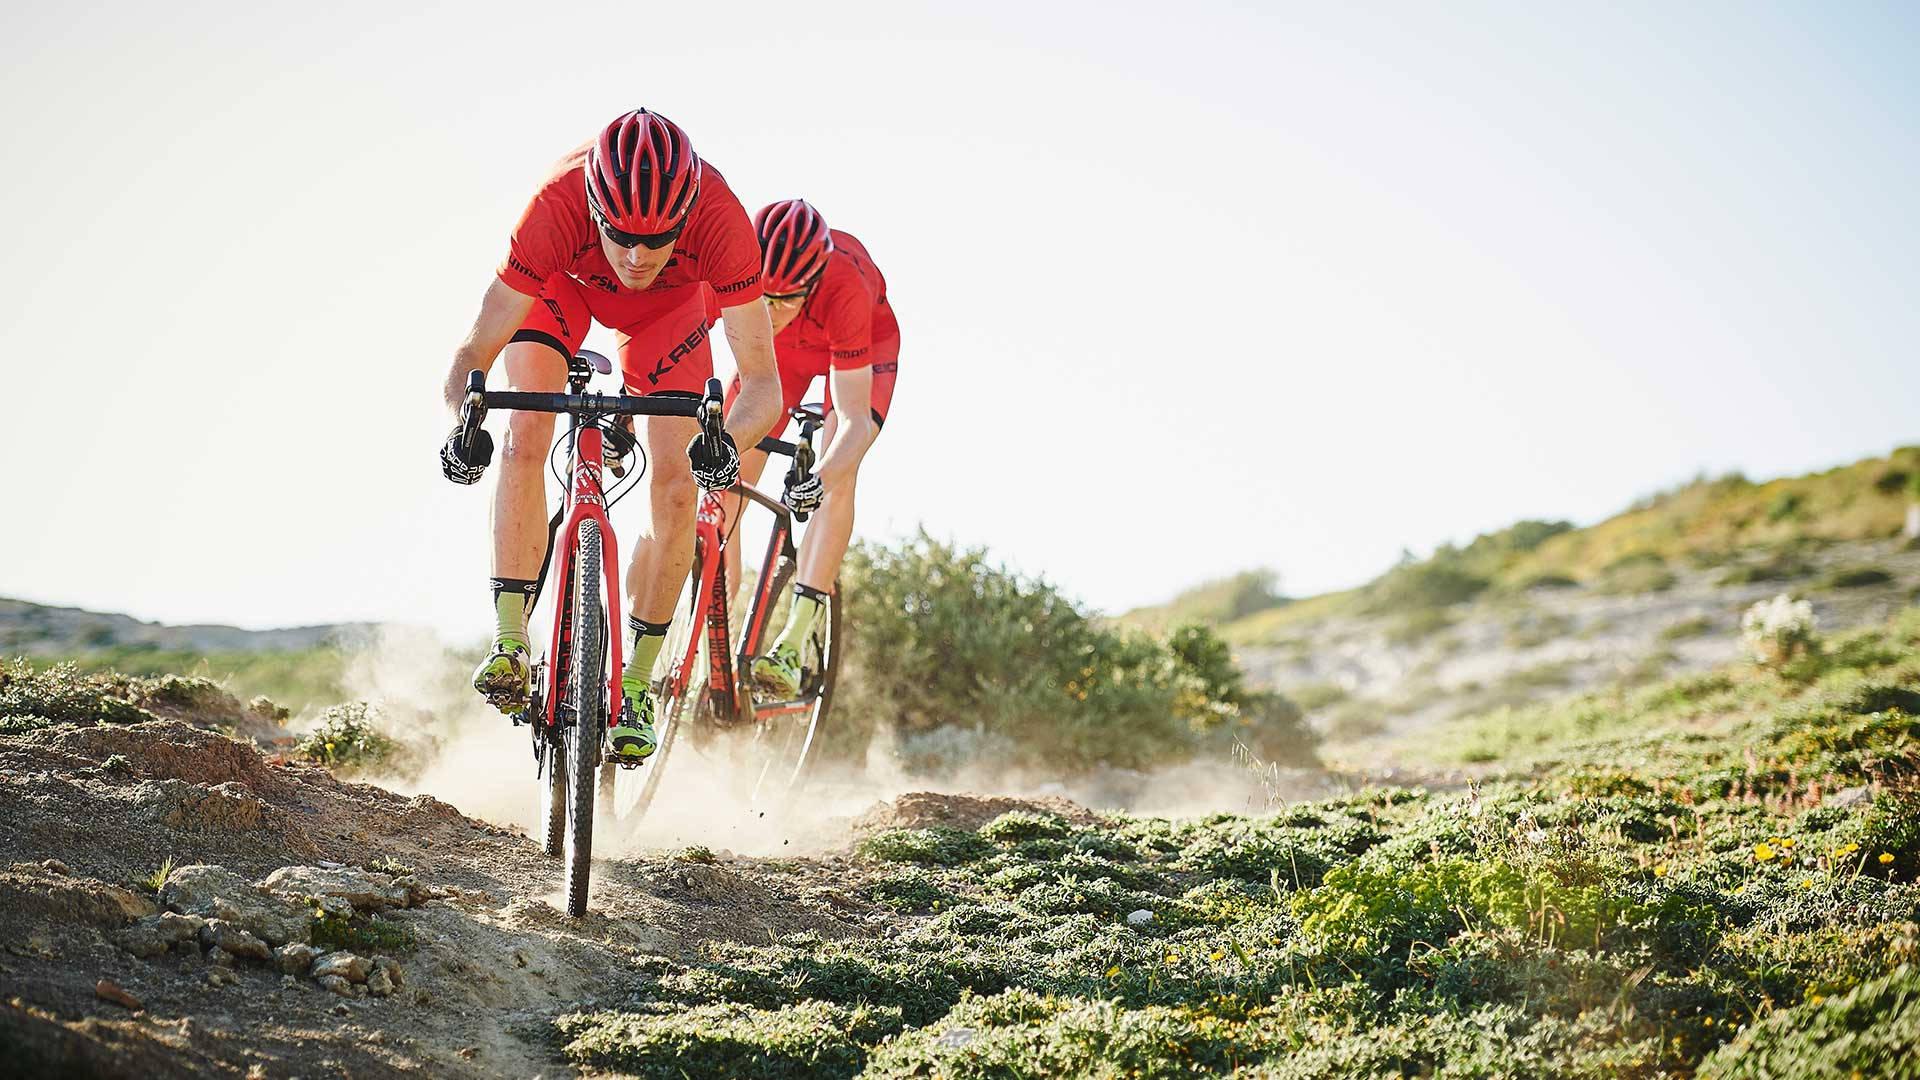 Pierwszy w historii rower przełajowy marki Kreidler [PR]